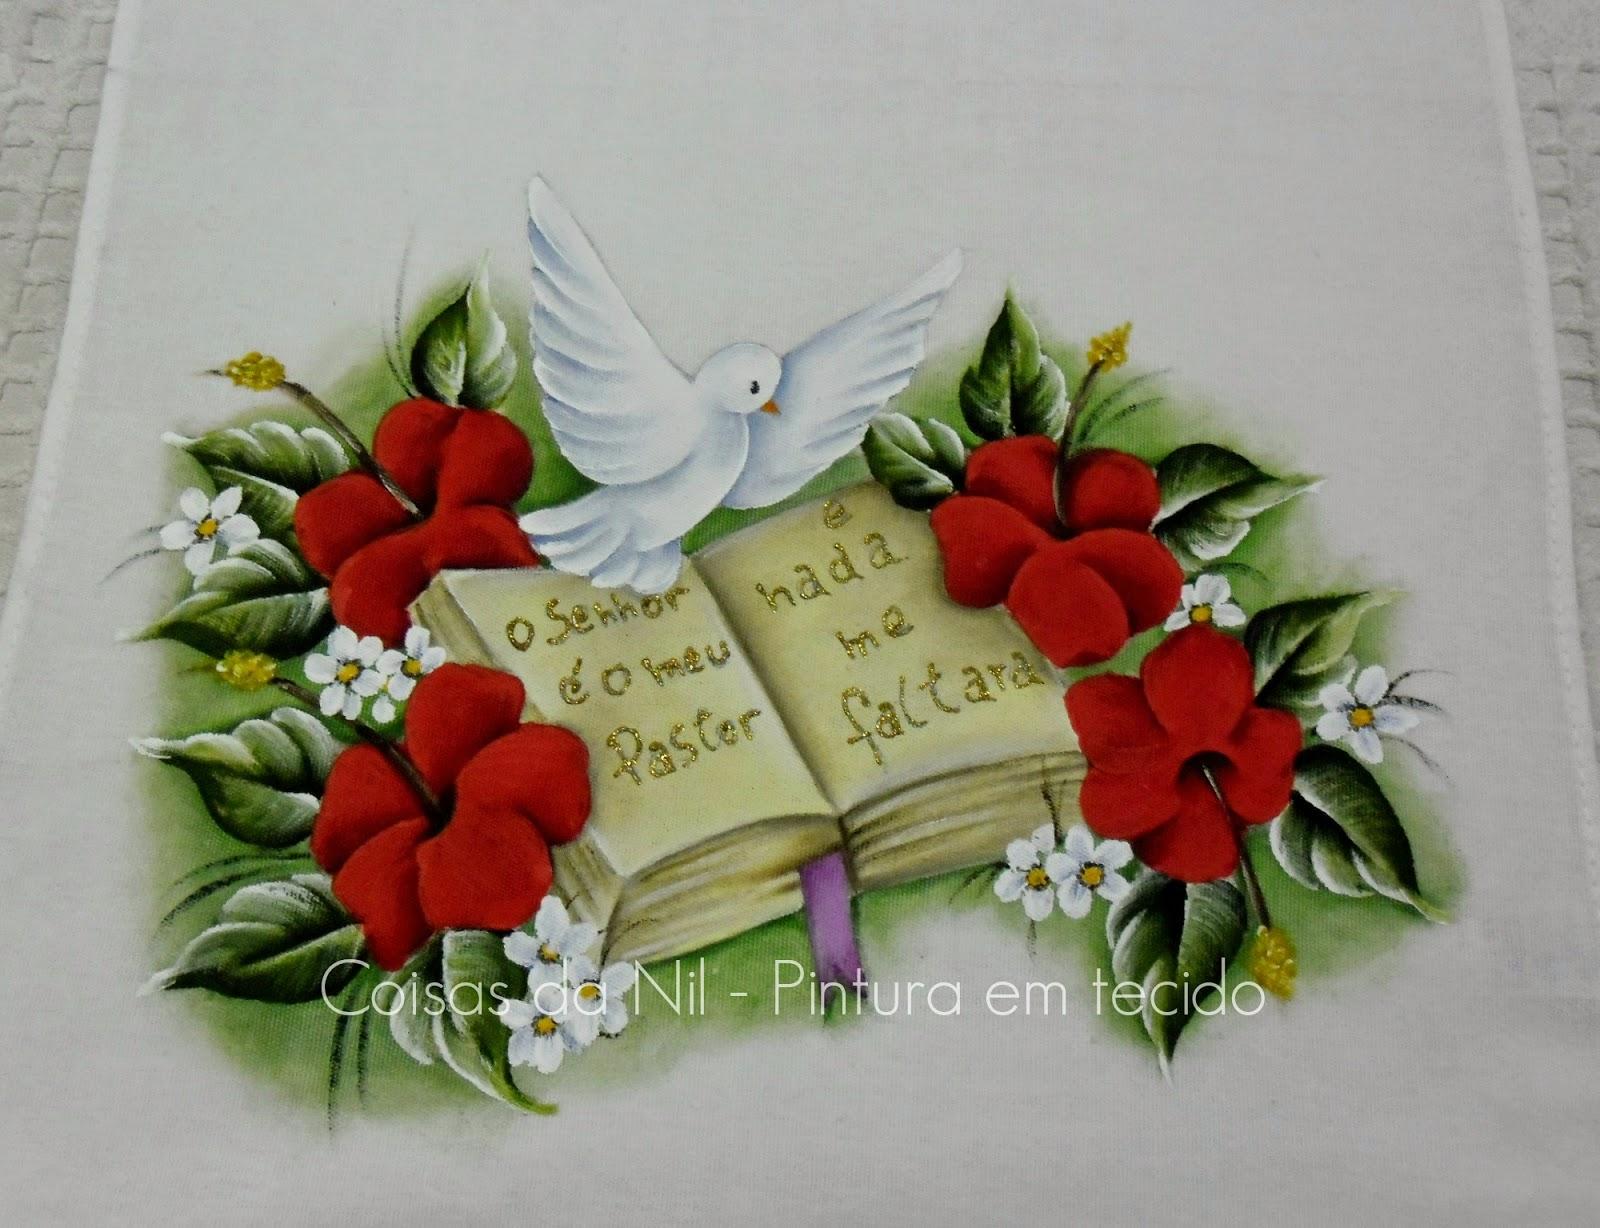 pintura em tecido com tema religioso da pomba do espirito santo, biblia, o salmo 23 e flores hibiscos